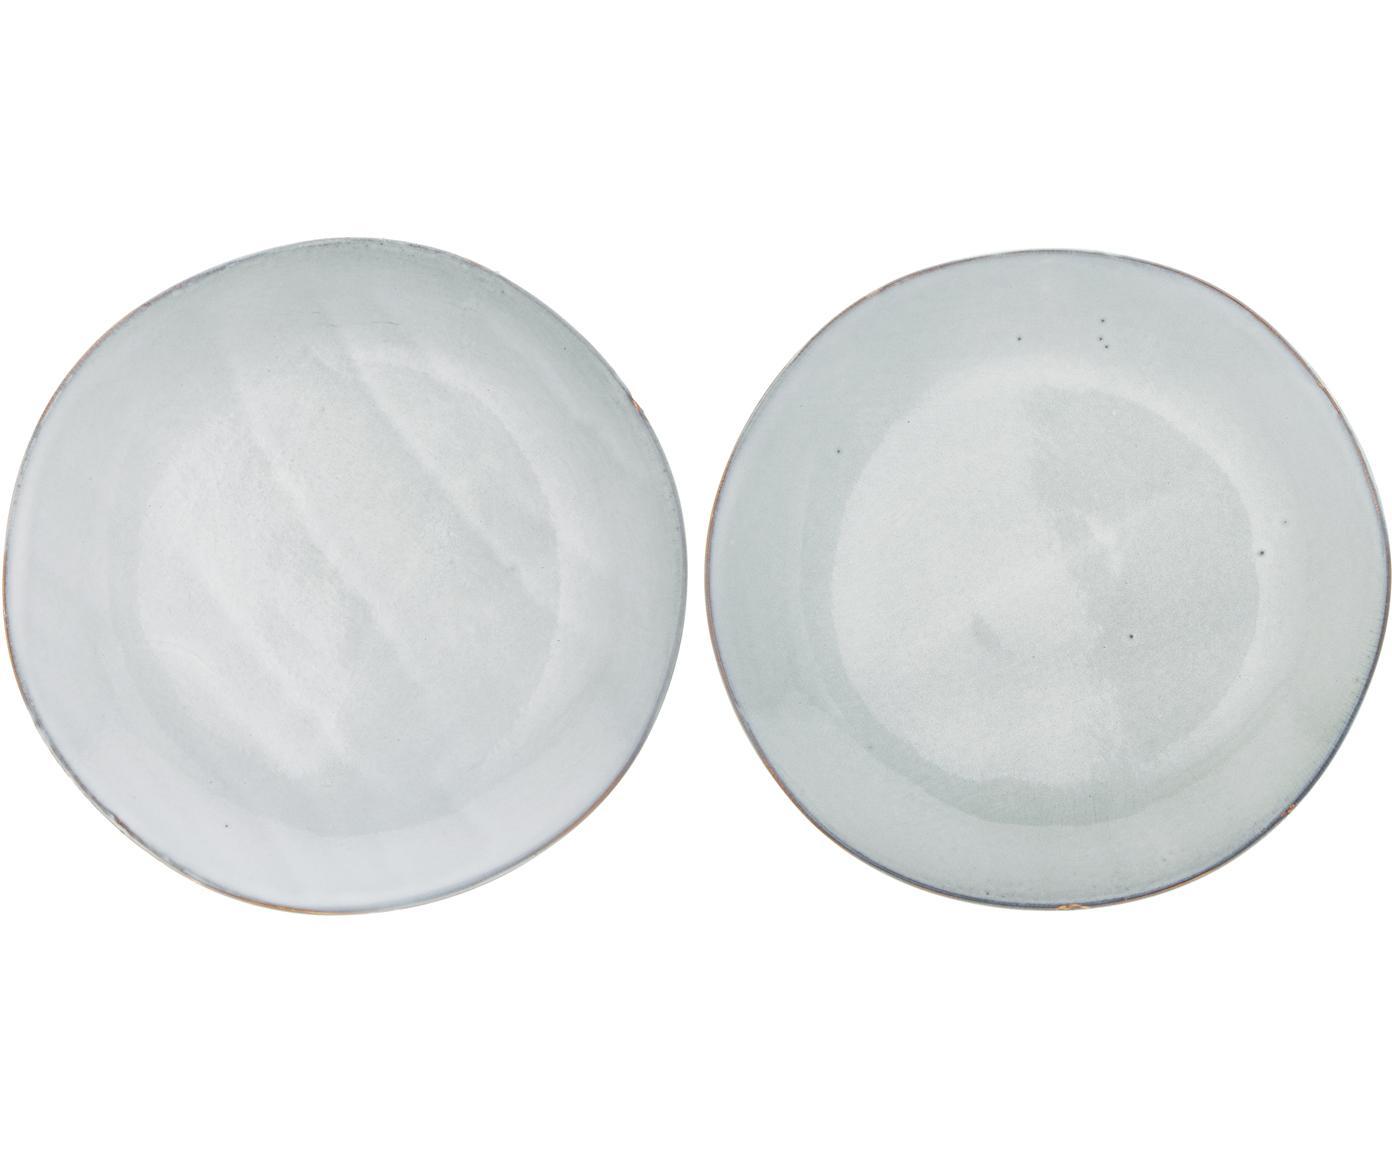 Handgemaakte ontbijtborden Thalia, 2 stuks, Keramiek, Grijs met donkere rand, Ø 22 cm